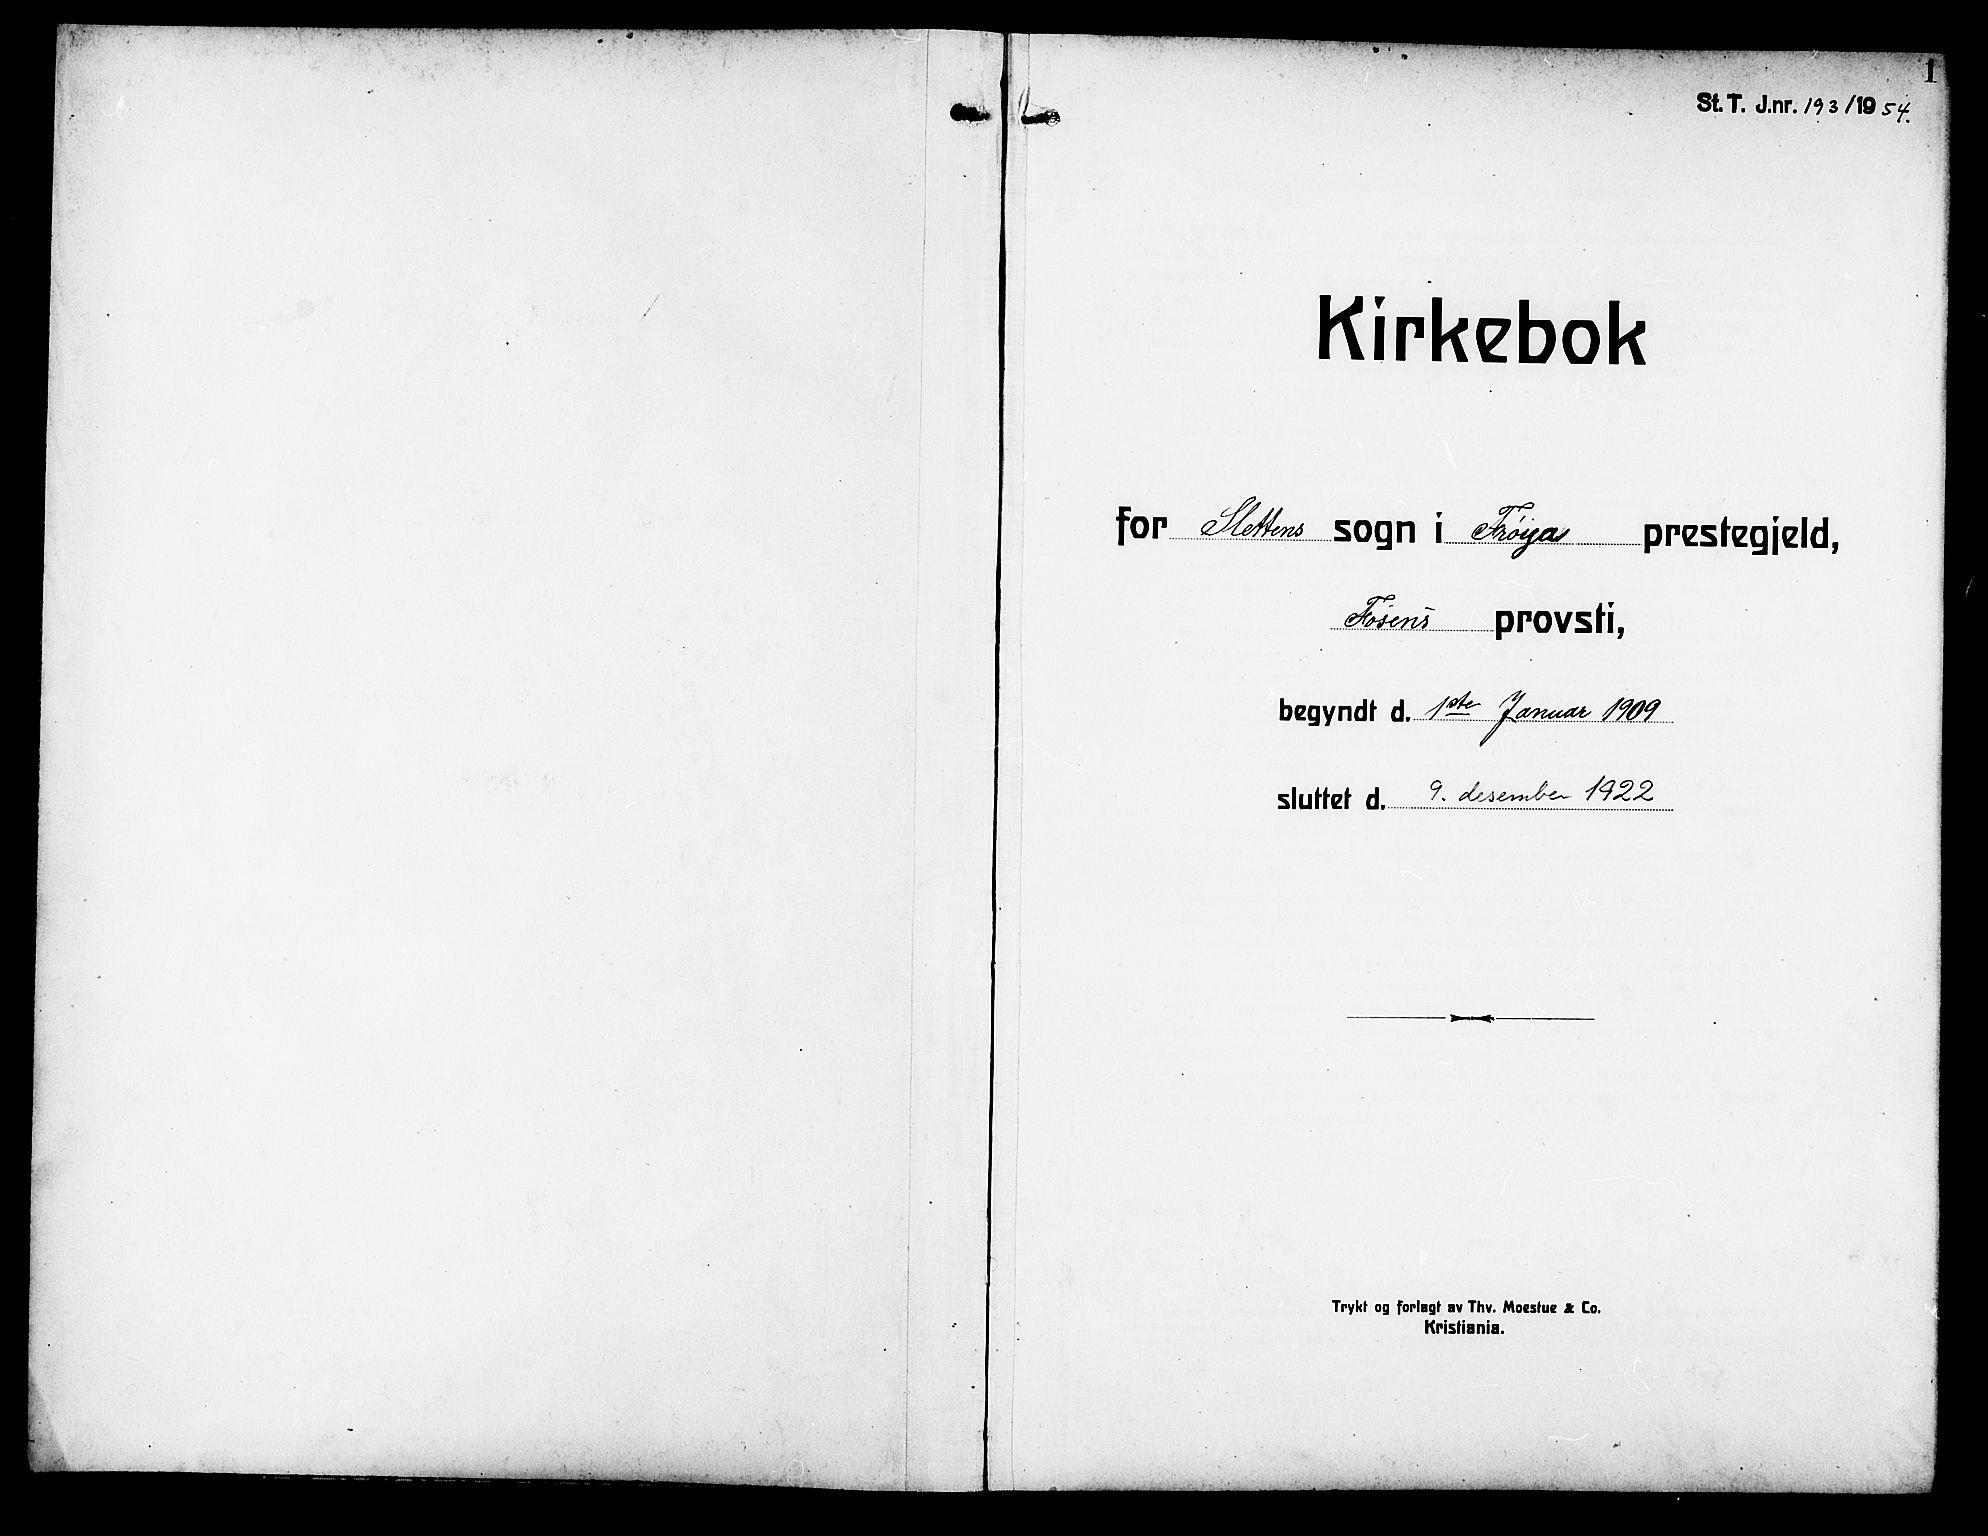 SAT, Ministerialprotokoller, klokkerbøker og fødselsregistre - Sør-Trøndelag, 640/L0588: Klokkerbok nr. 640C05, 1909-1922, s. 1